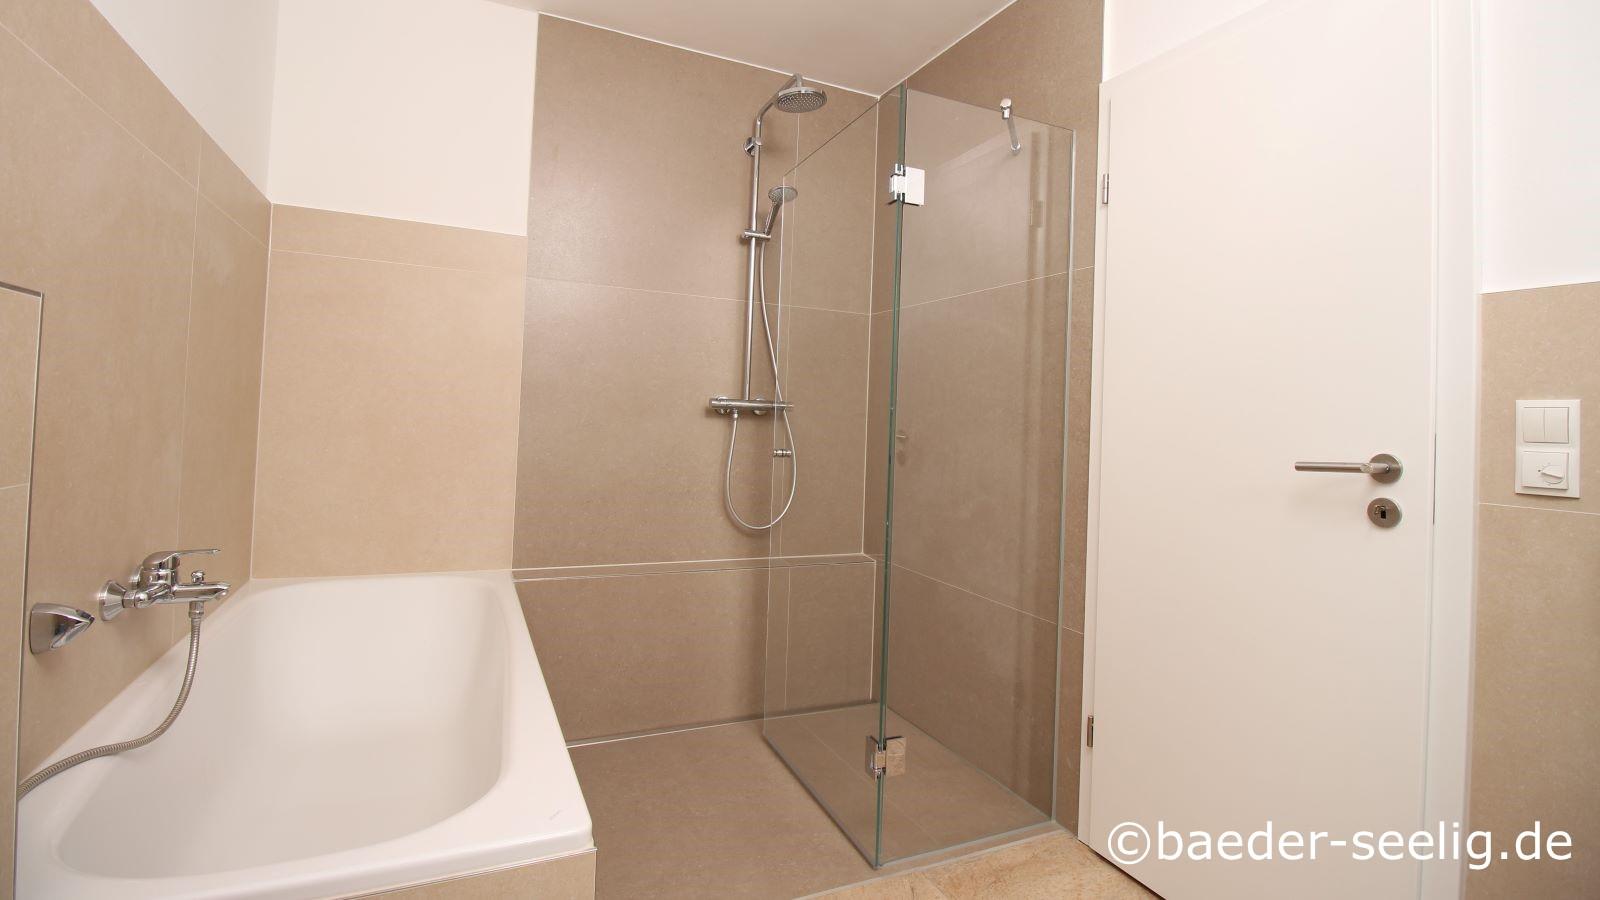 Abgebildet ist noch einmal das badezimmer nach barrierefreier baderneuerung mit badewanne und bodenebener dusche mit glasduschabtrennung und glasduschtuer. Hier ist die duschtuer nach innen eingeklappt.